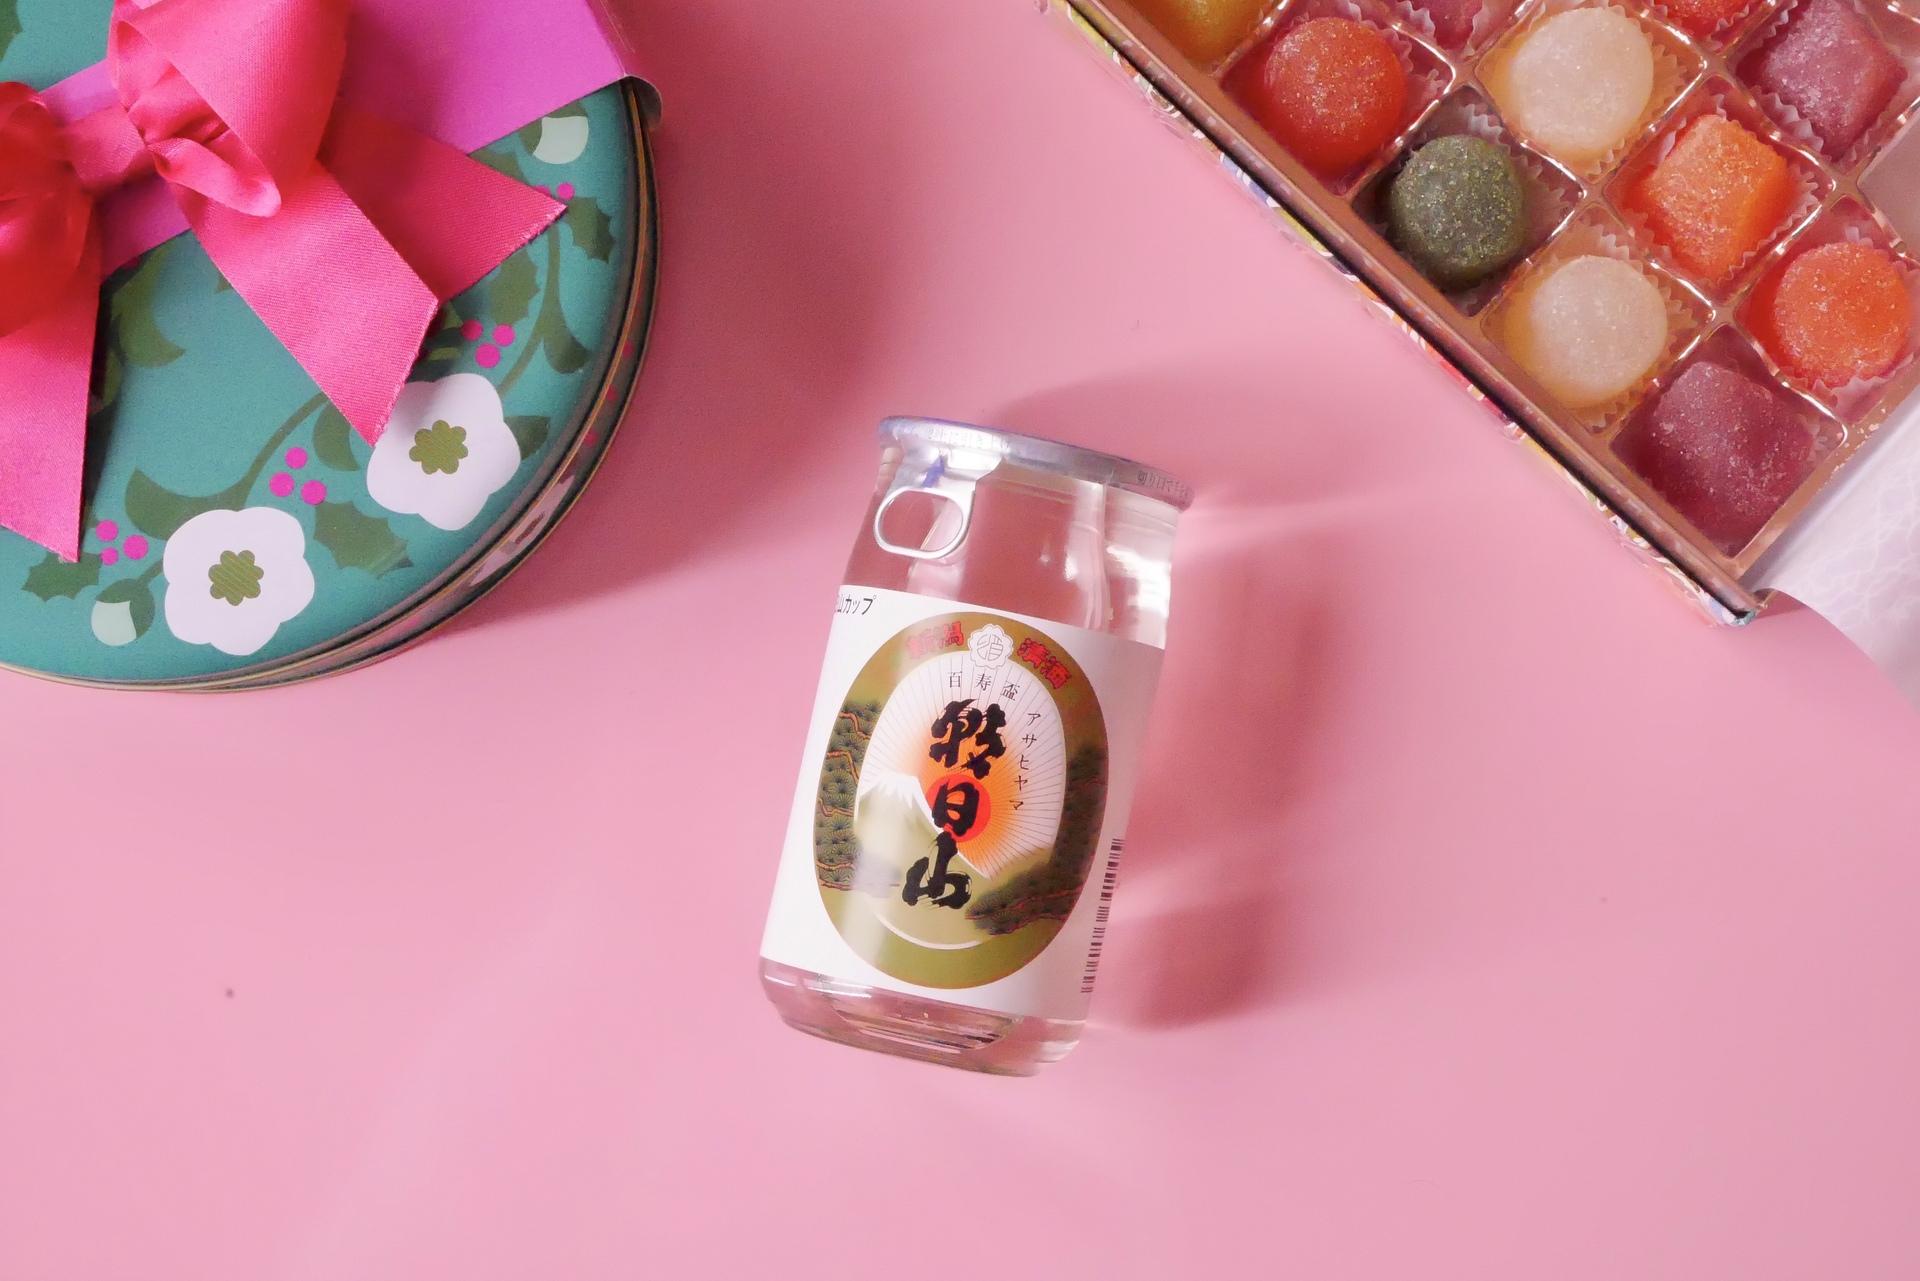 ワンカップの日本酒で、おうち飲みを楽しもう!おすすめ商品や楽しみ方を紹介